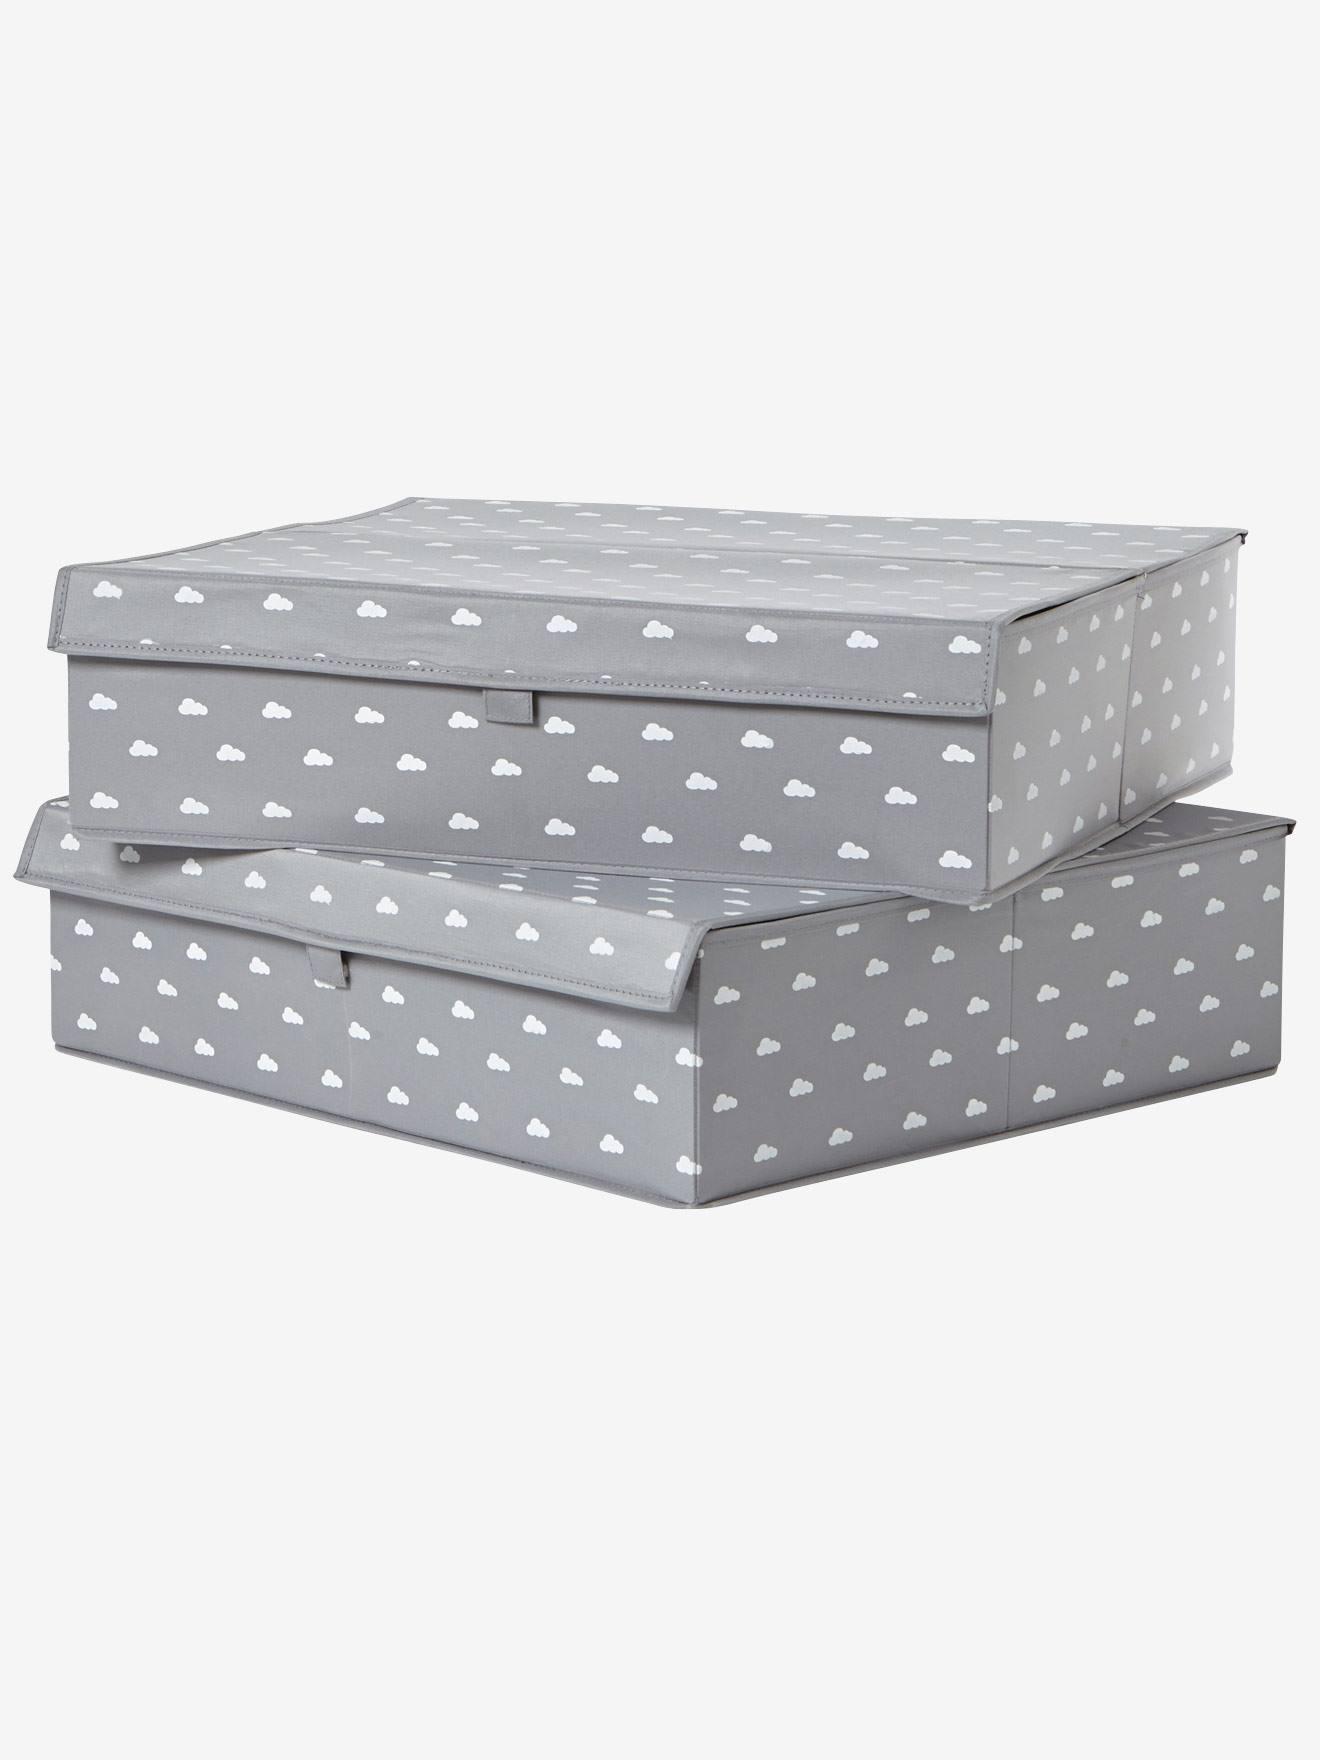 Storage u0026 Decoration-Storage-Under Bed Storage Box & Kidu0027s Toy Boxes u0026 Storage - Buy Online | Vertbaudet